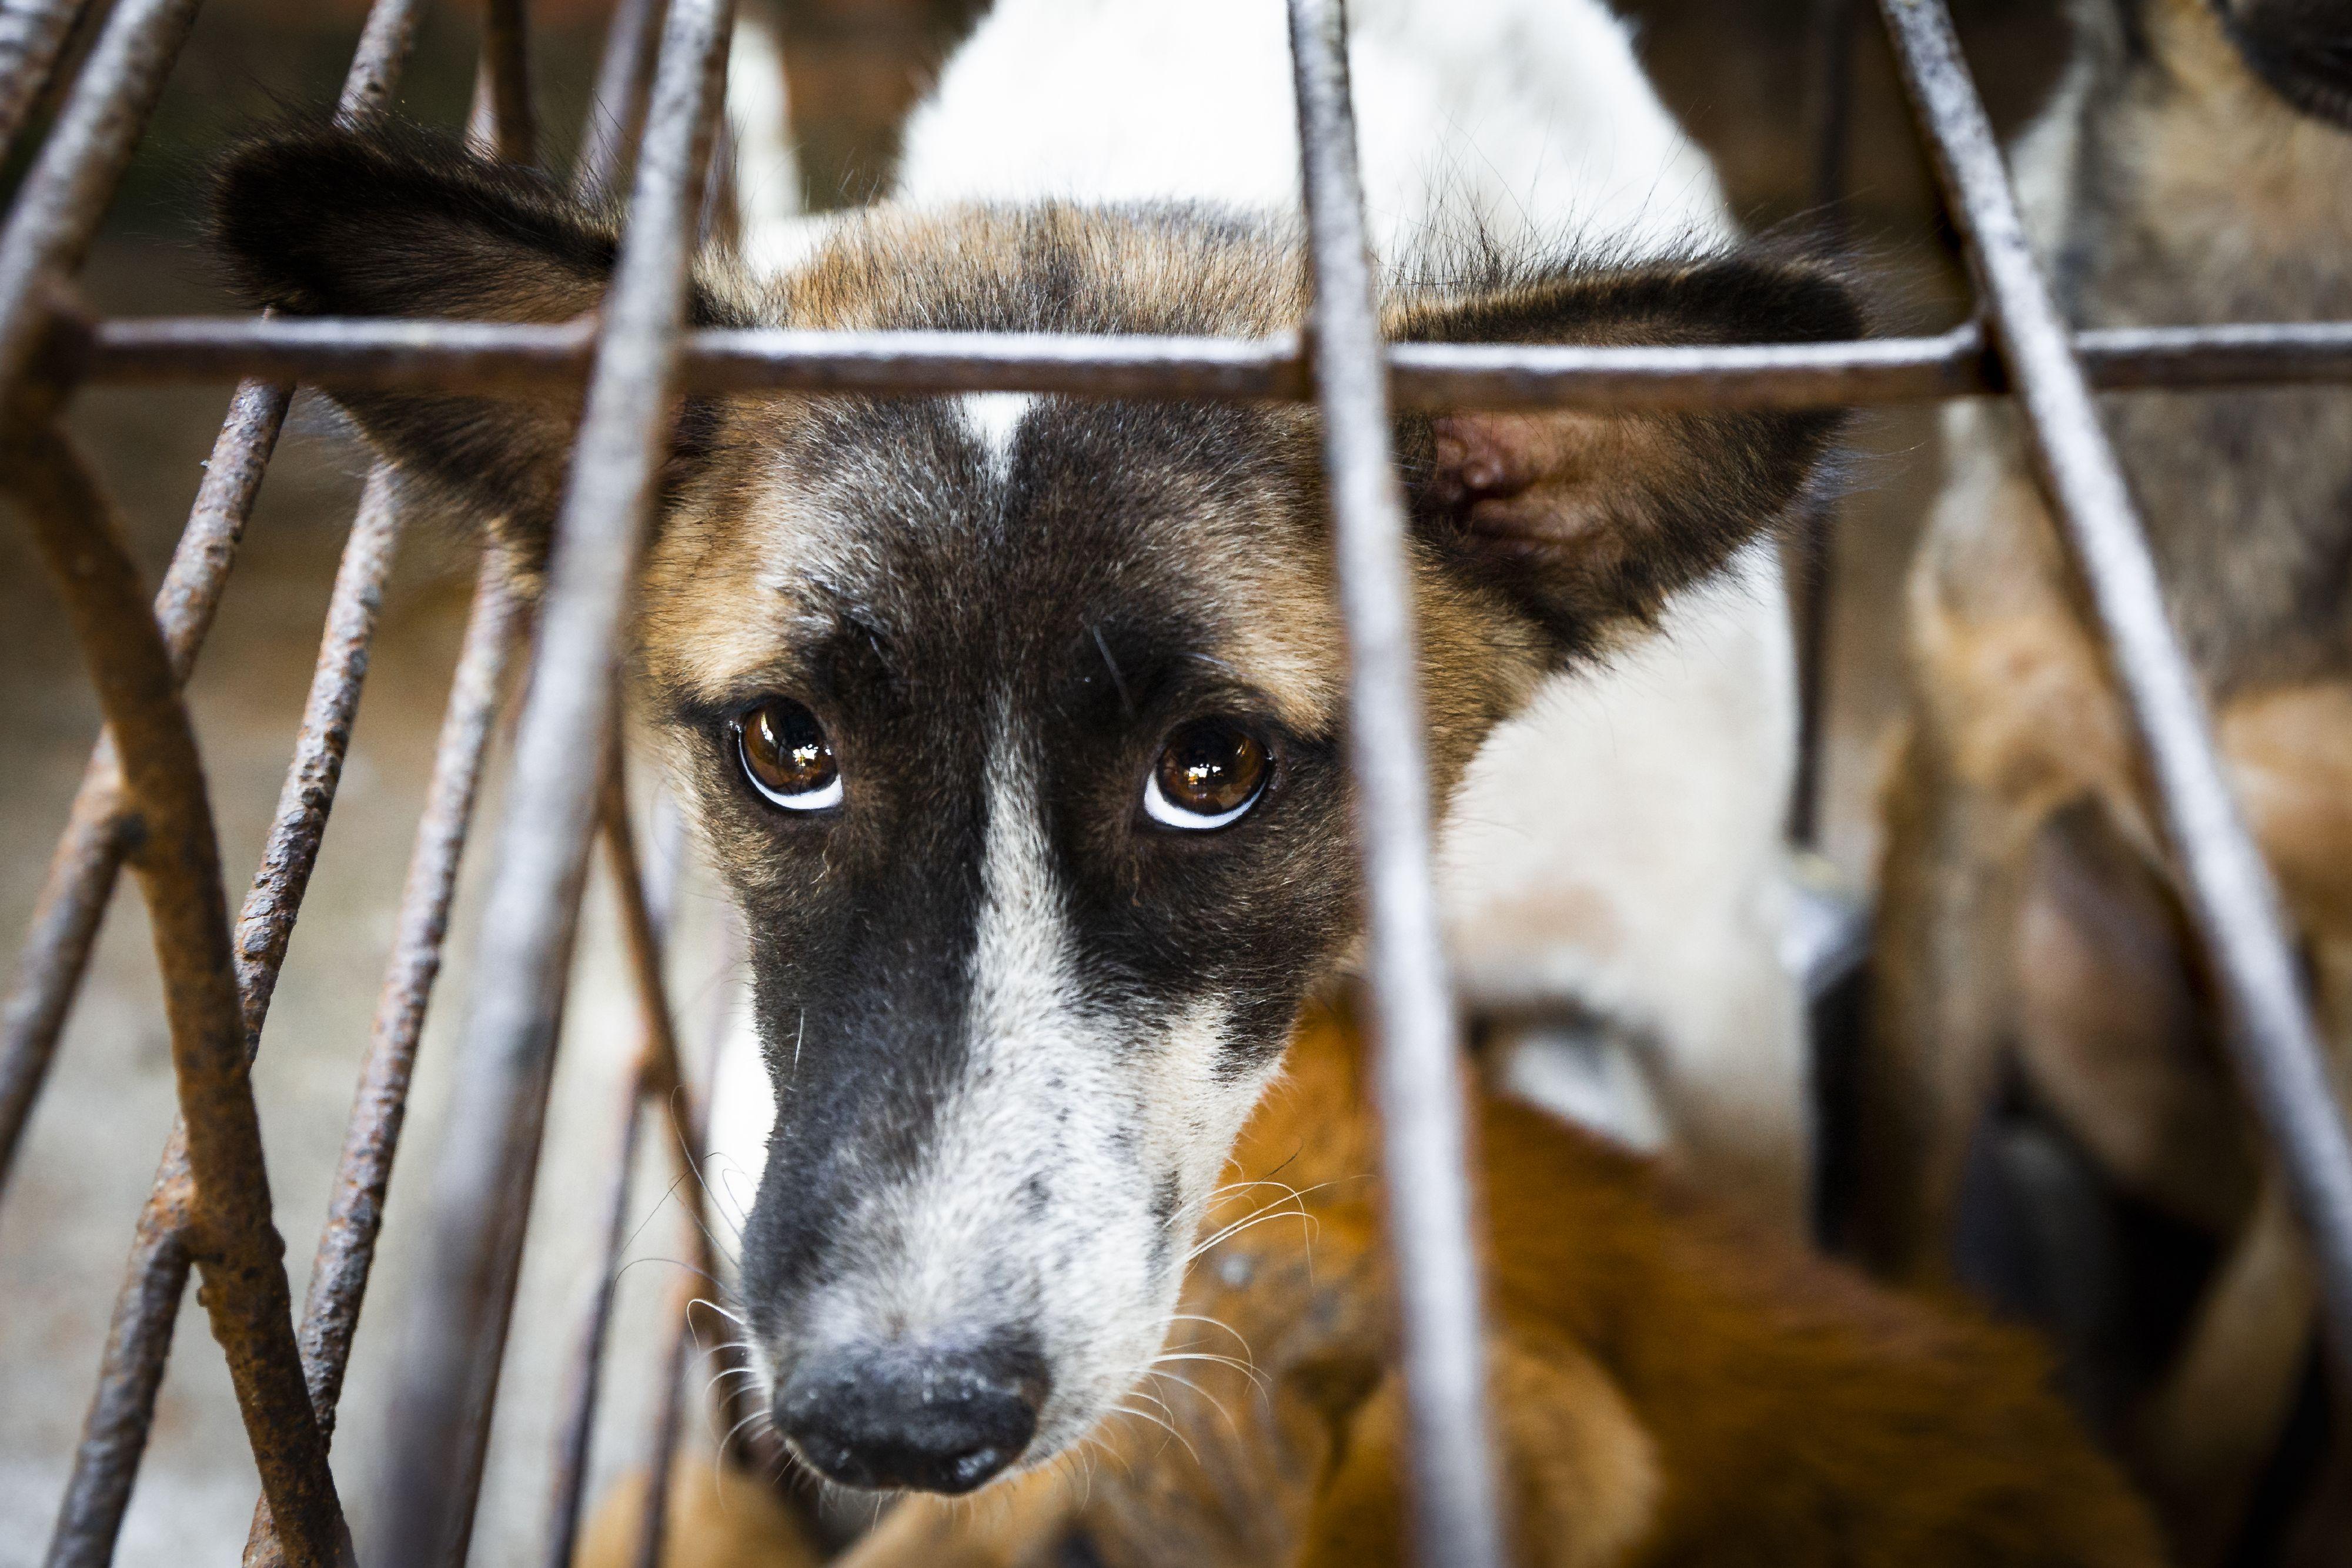 Hond Sopol in een kooi.